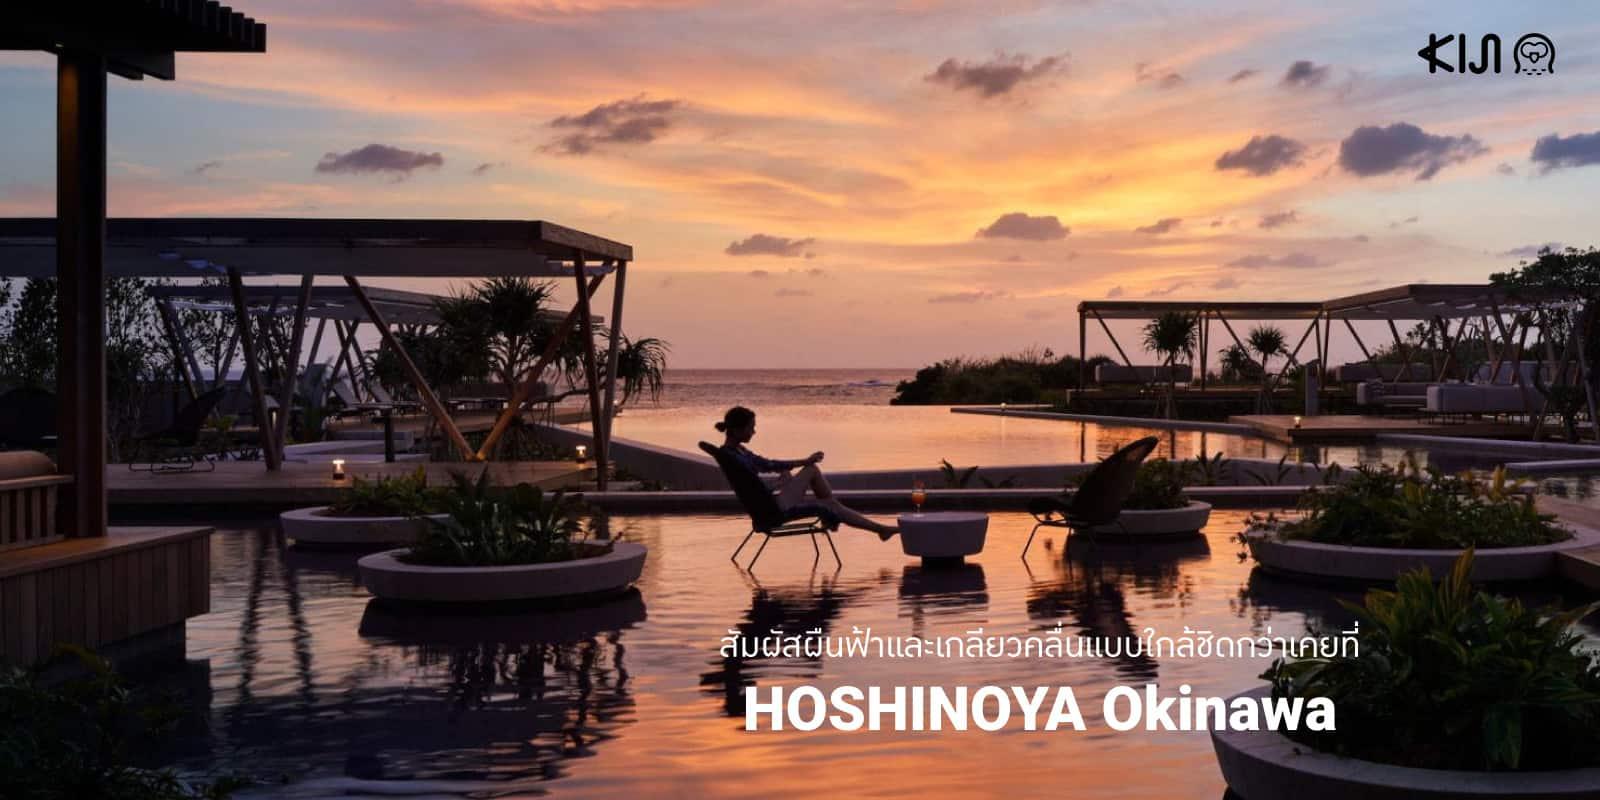 HOSHINOYA Okinawa รีวิว